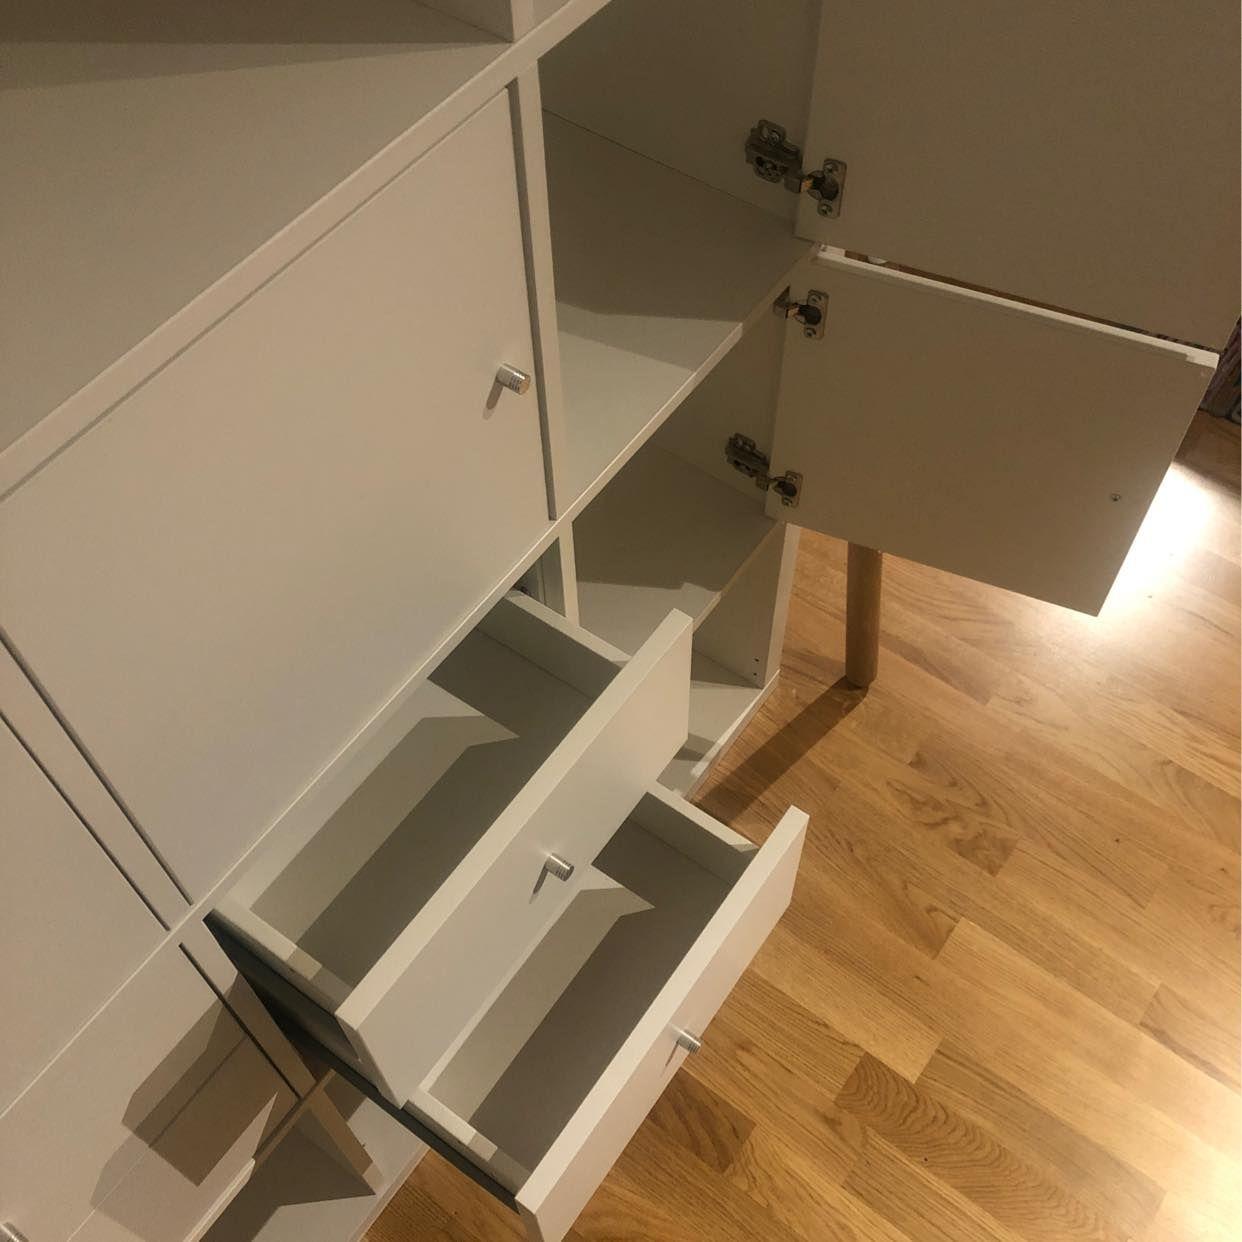 image of Ikea bookshelf - Bromma